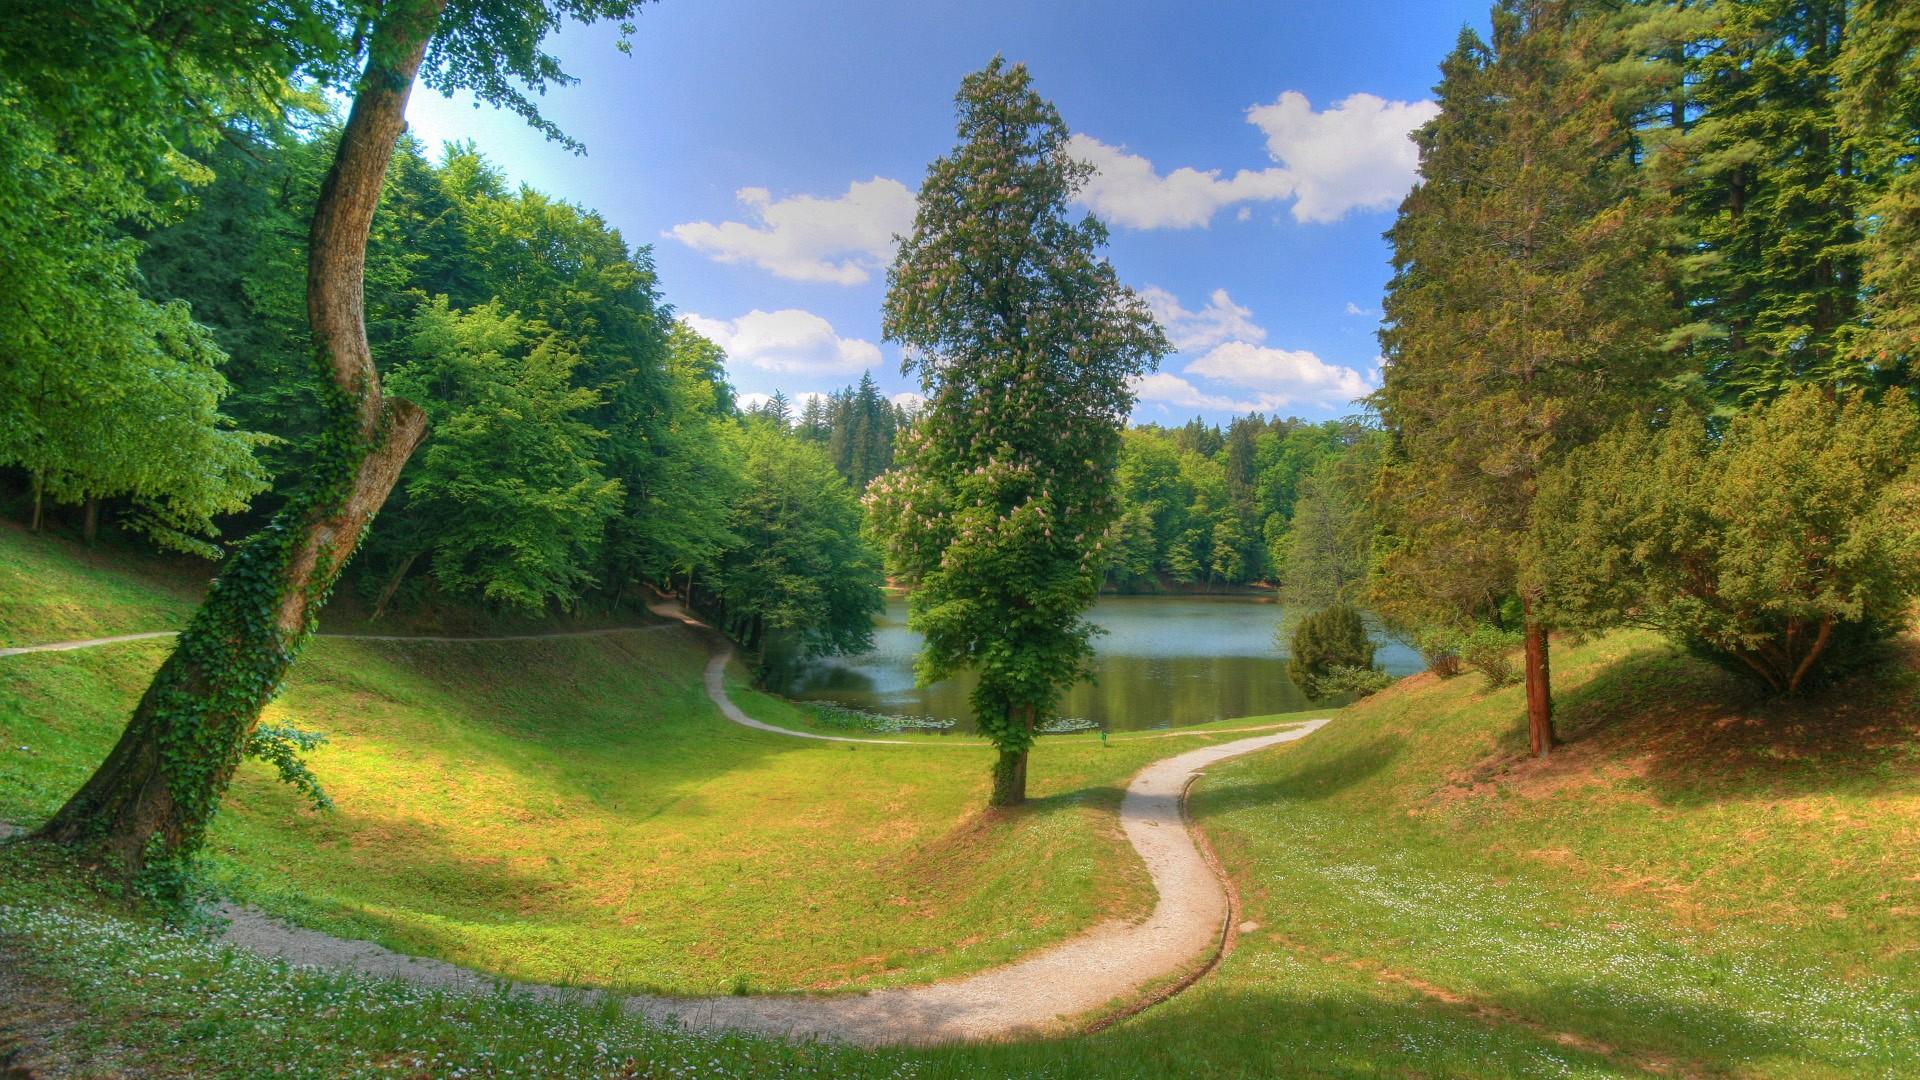 46+] Beautiful Nature Wallpapers HD on WallpaperSafari